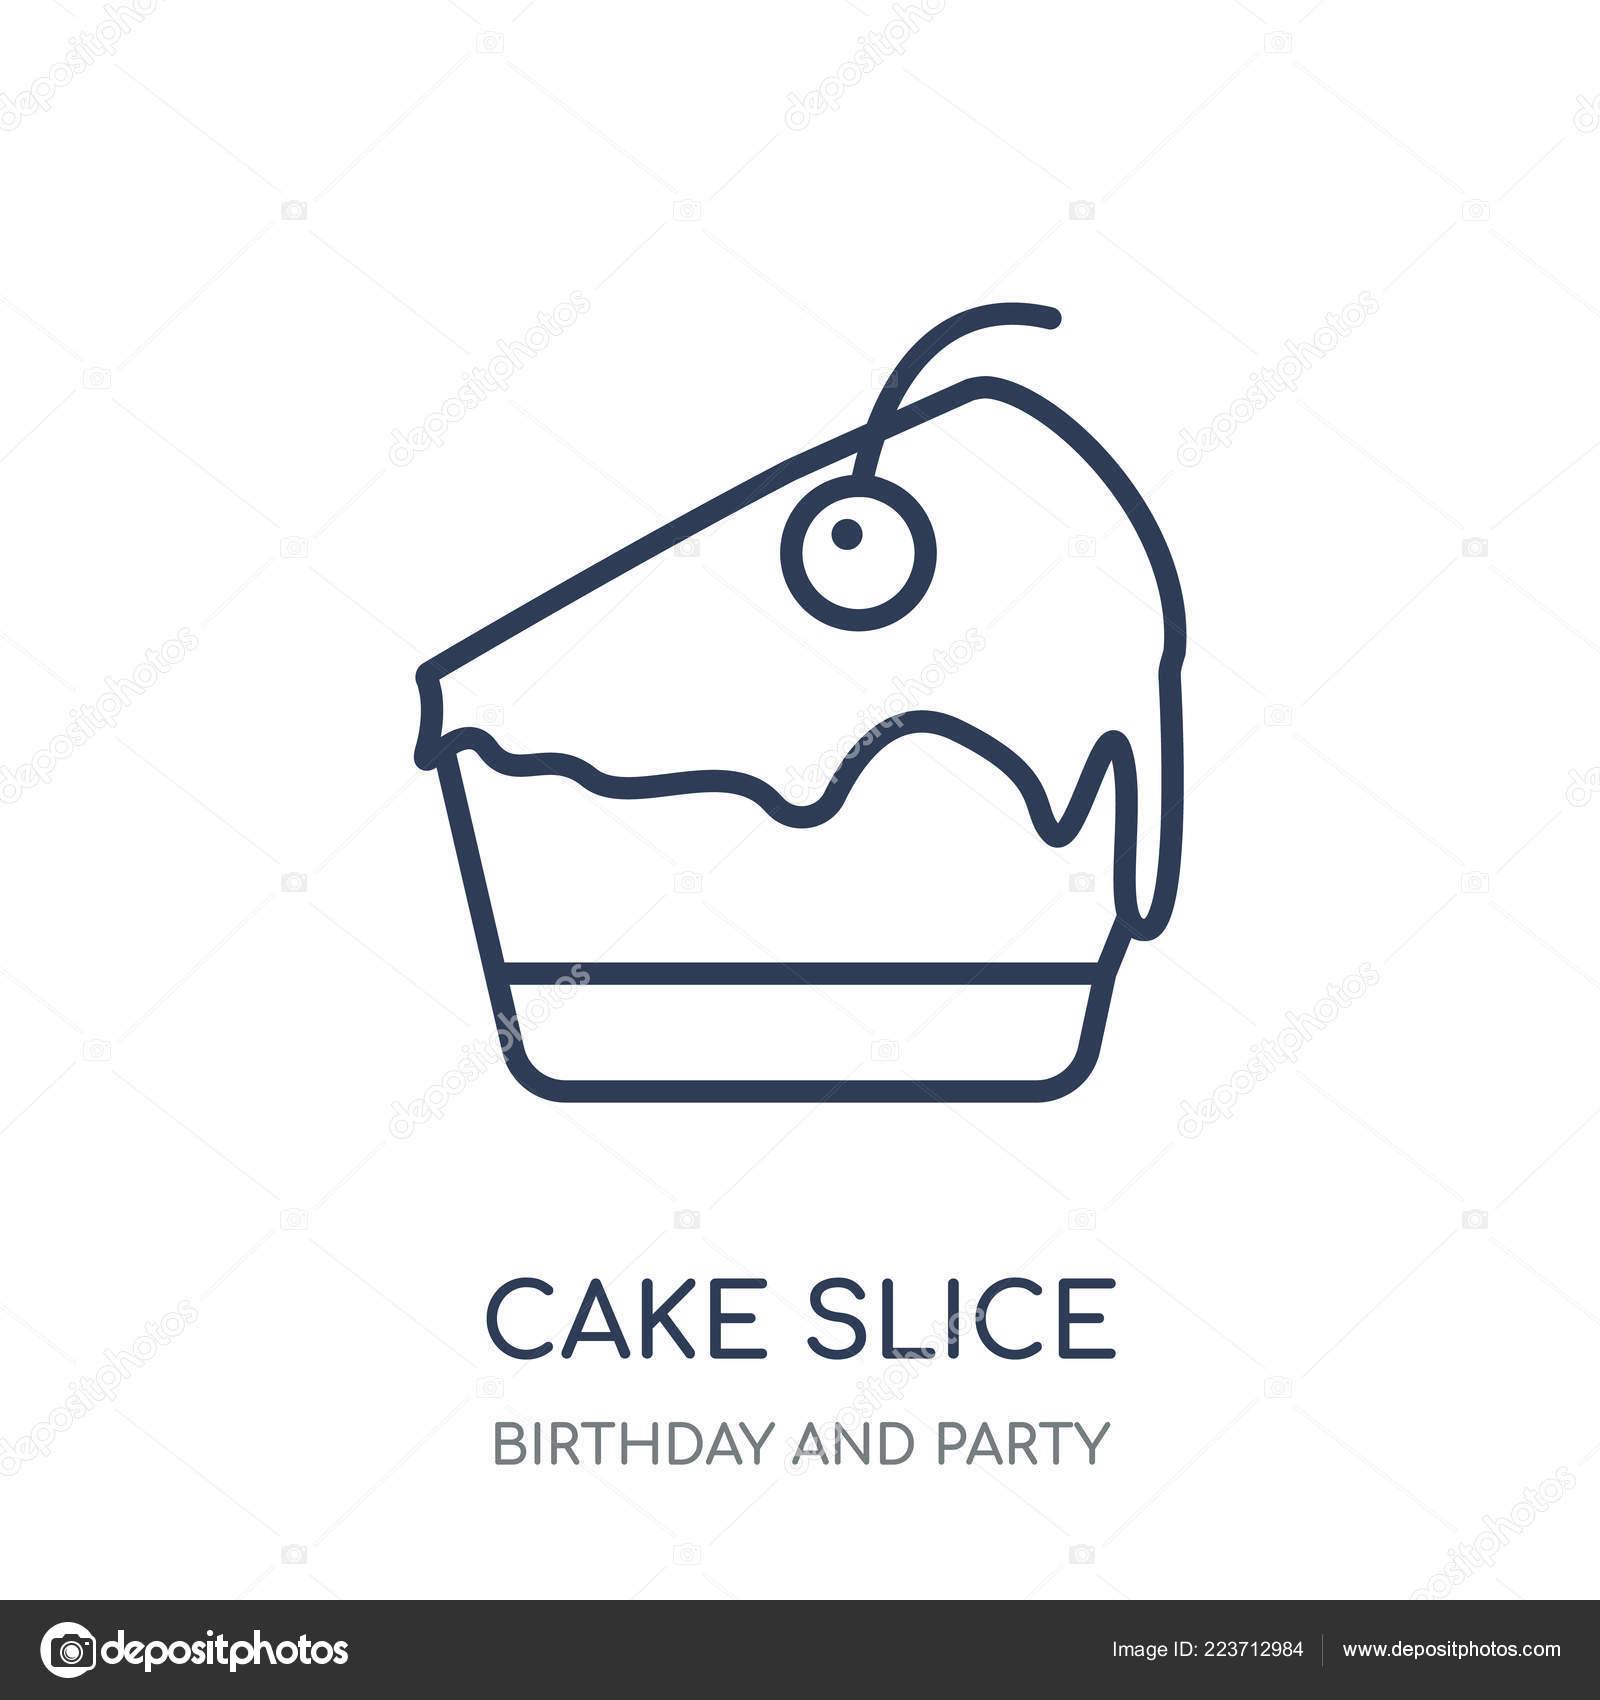 Icona Della Fetta Torta Disegno Simbolo Lineare Fetta Torta